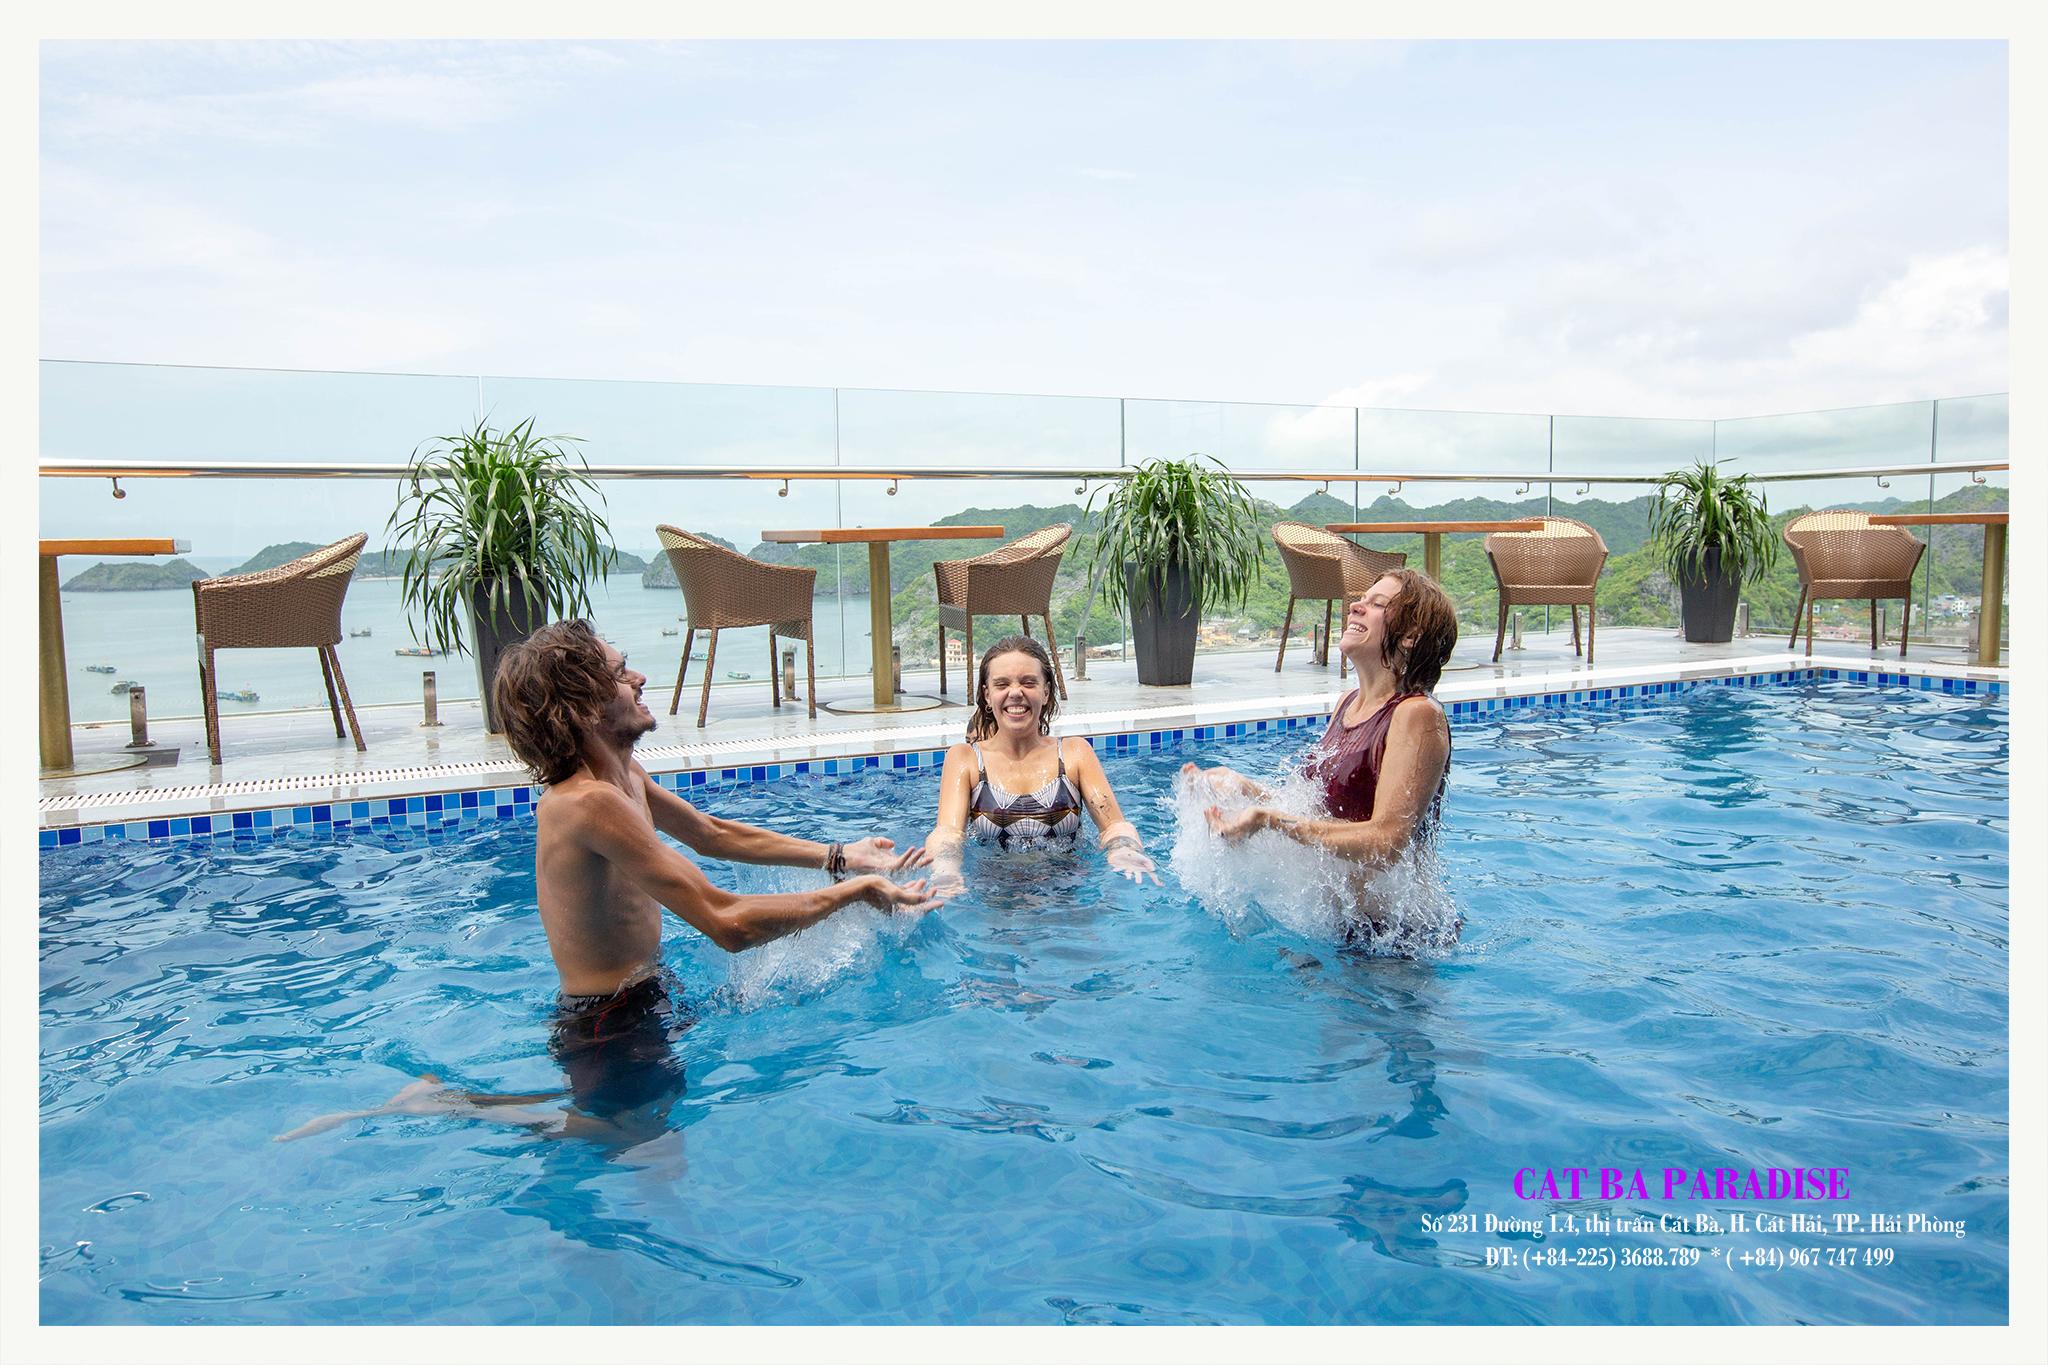 Đặt phòng Cát Bà Paradise có bể bơi tuyệt đẹp